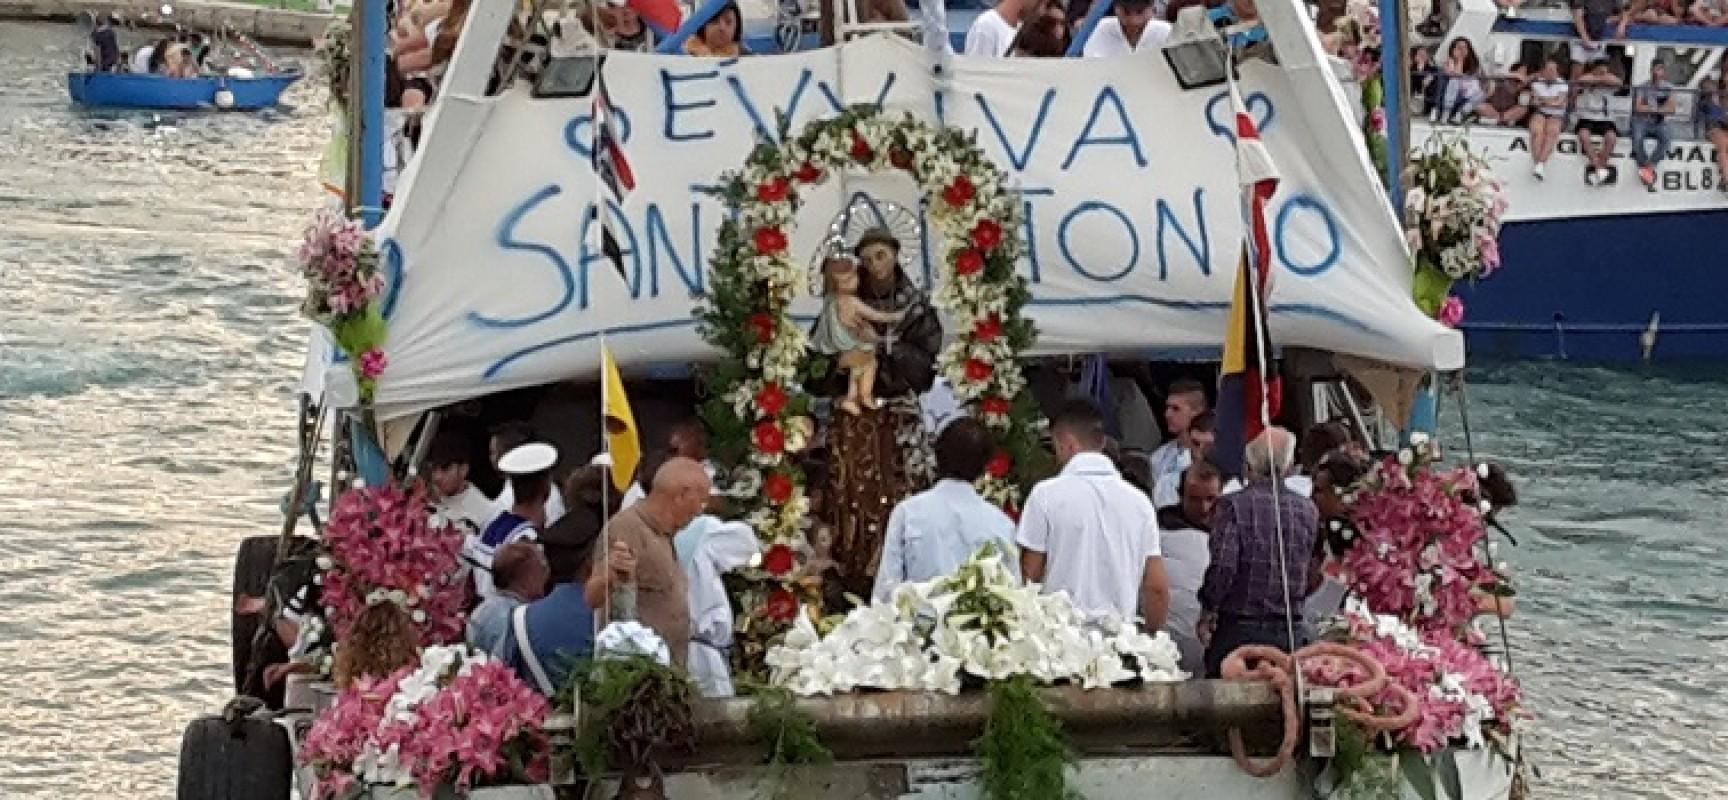 Sant'Antonio, al via le celebrazioni in onore del santo di Padova